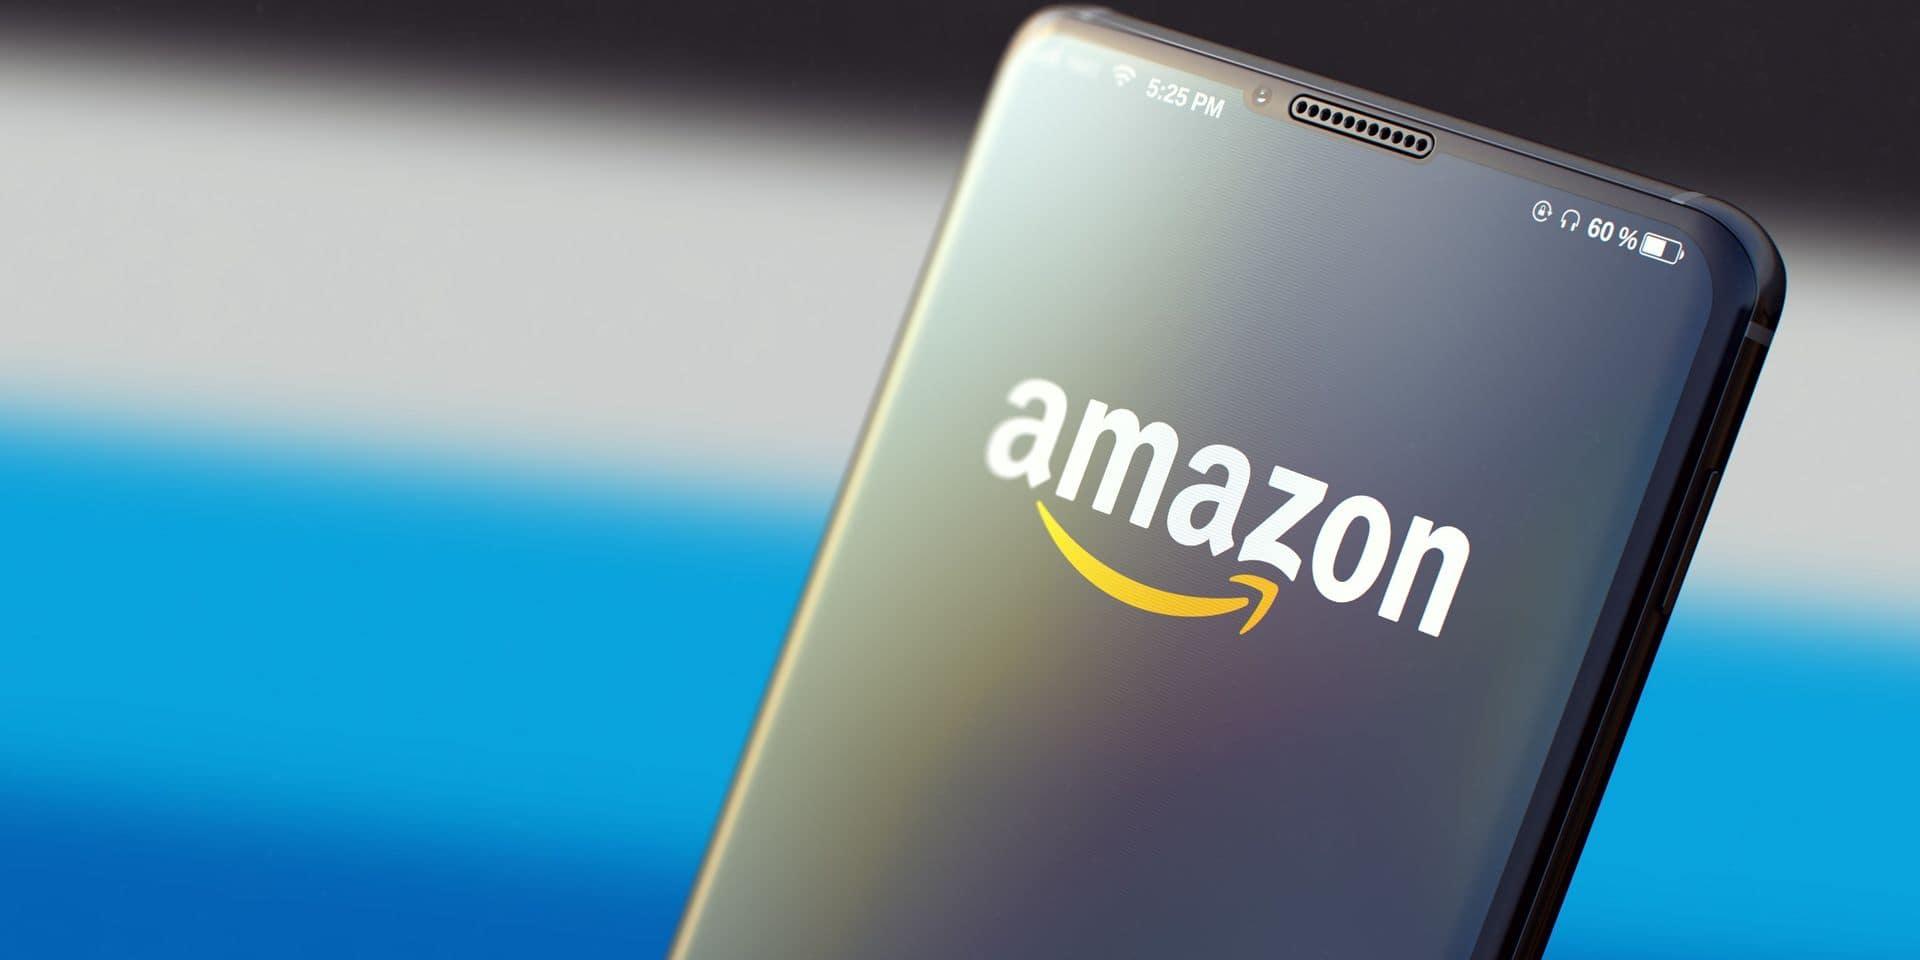 Des utilisateurs se plaignent que le nouveau logo de l'application Amazon évoquait trop... Hitler